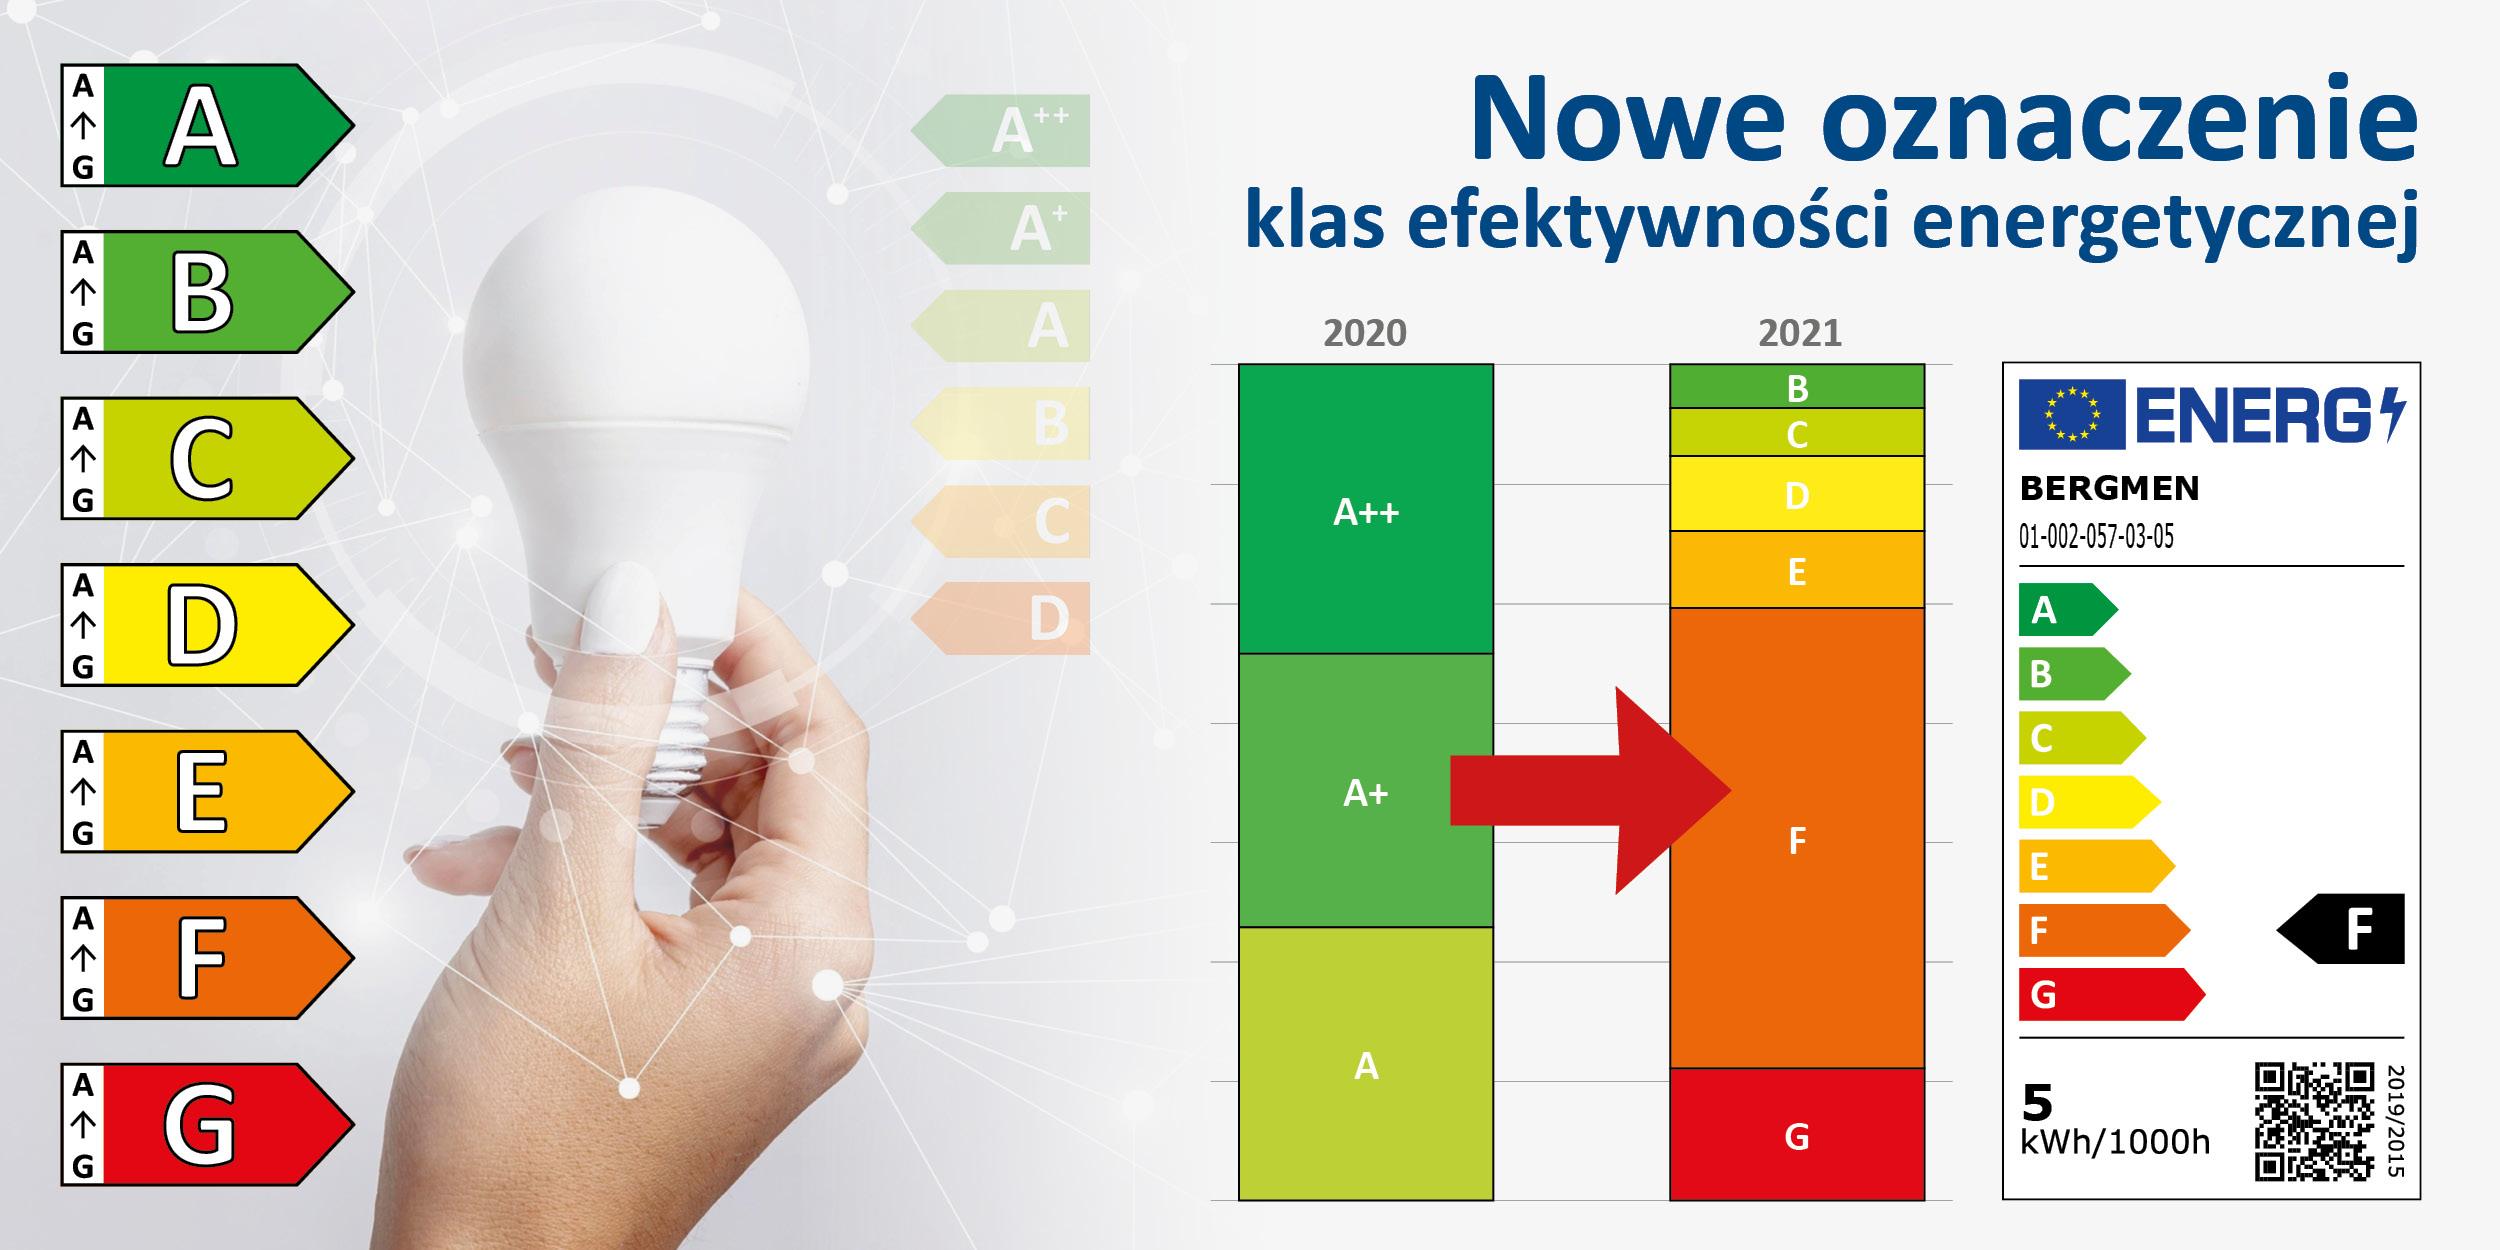 Nowe oznaczenie klas efektywności energetycznej